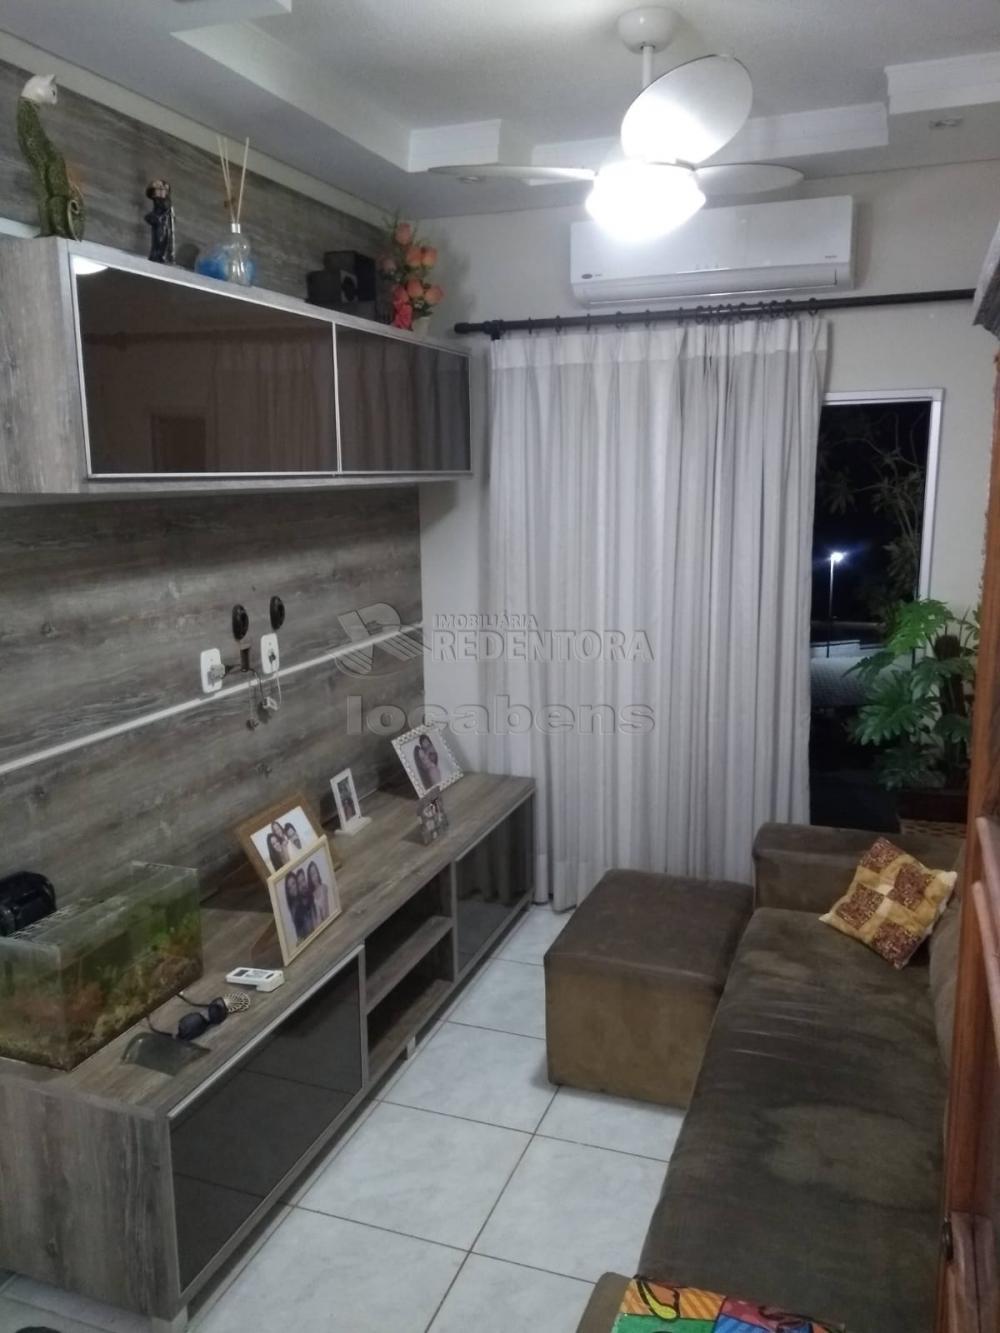 Comprar Apartamento / Padrão em São José do Rio Preto R$ 215.000,00 - Foto 1